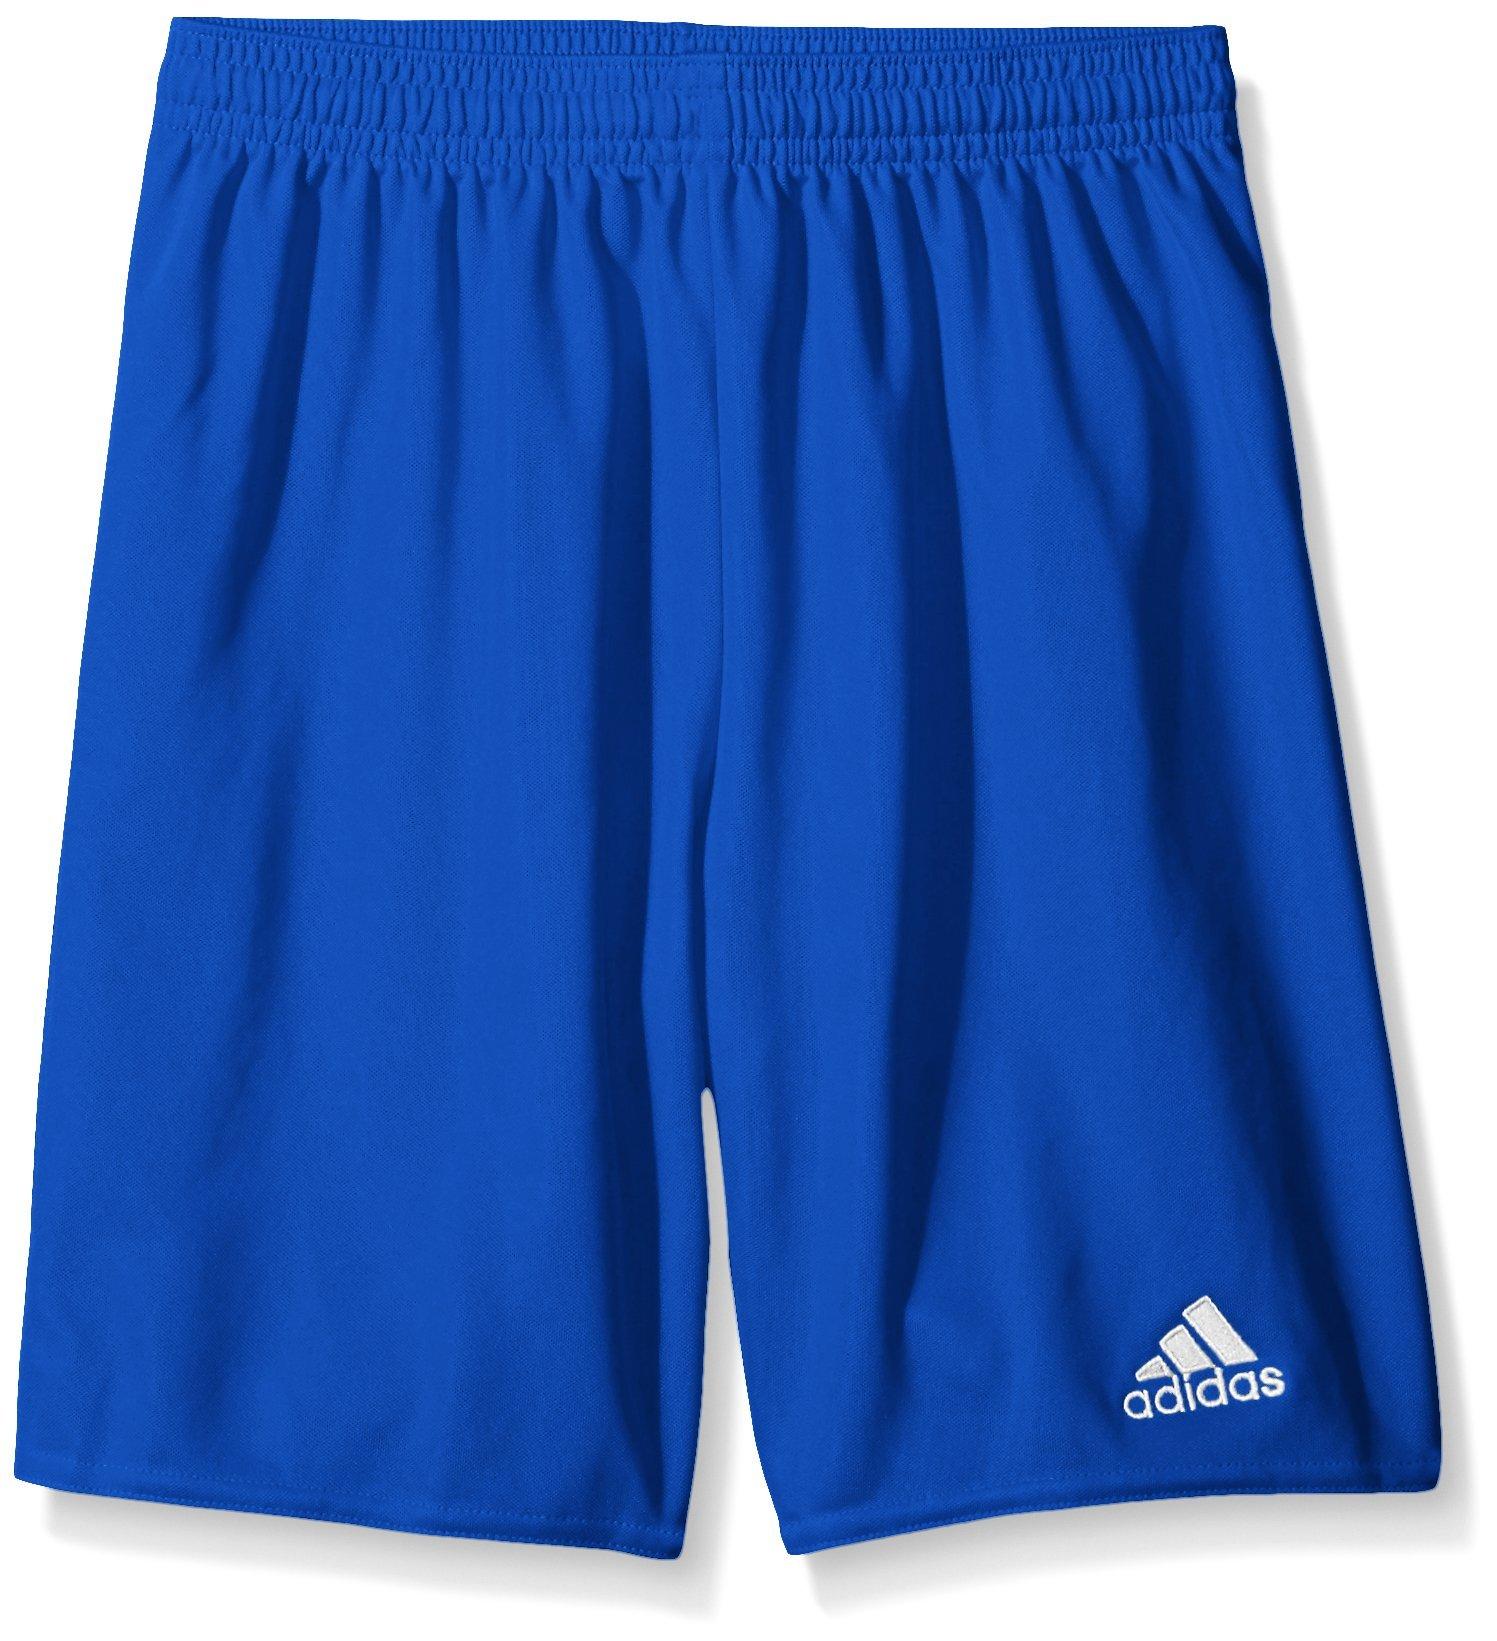 adidas Youth Parma 16 Shorts, Bold Blue/White, Medium